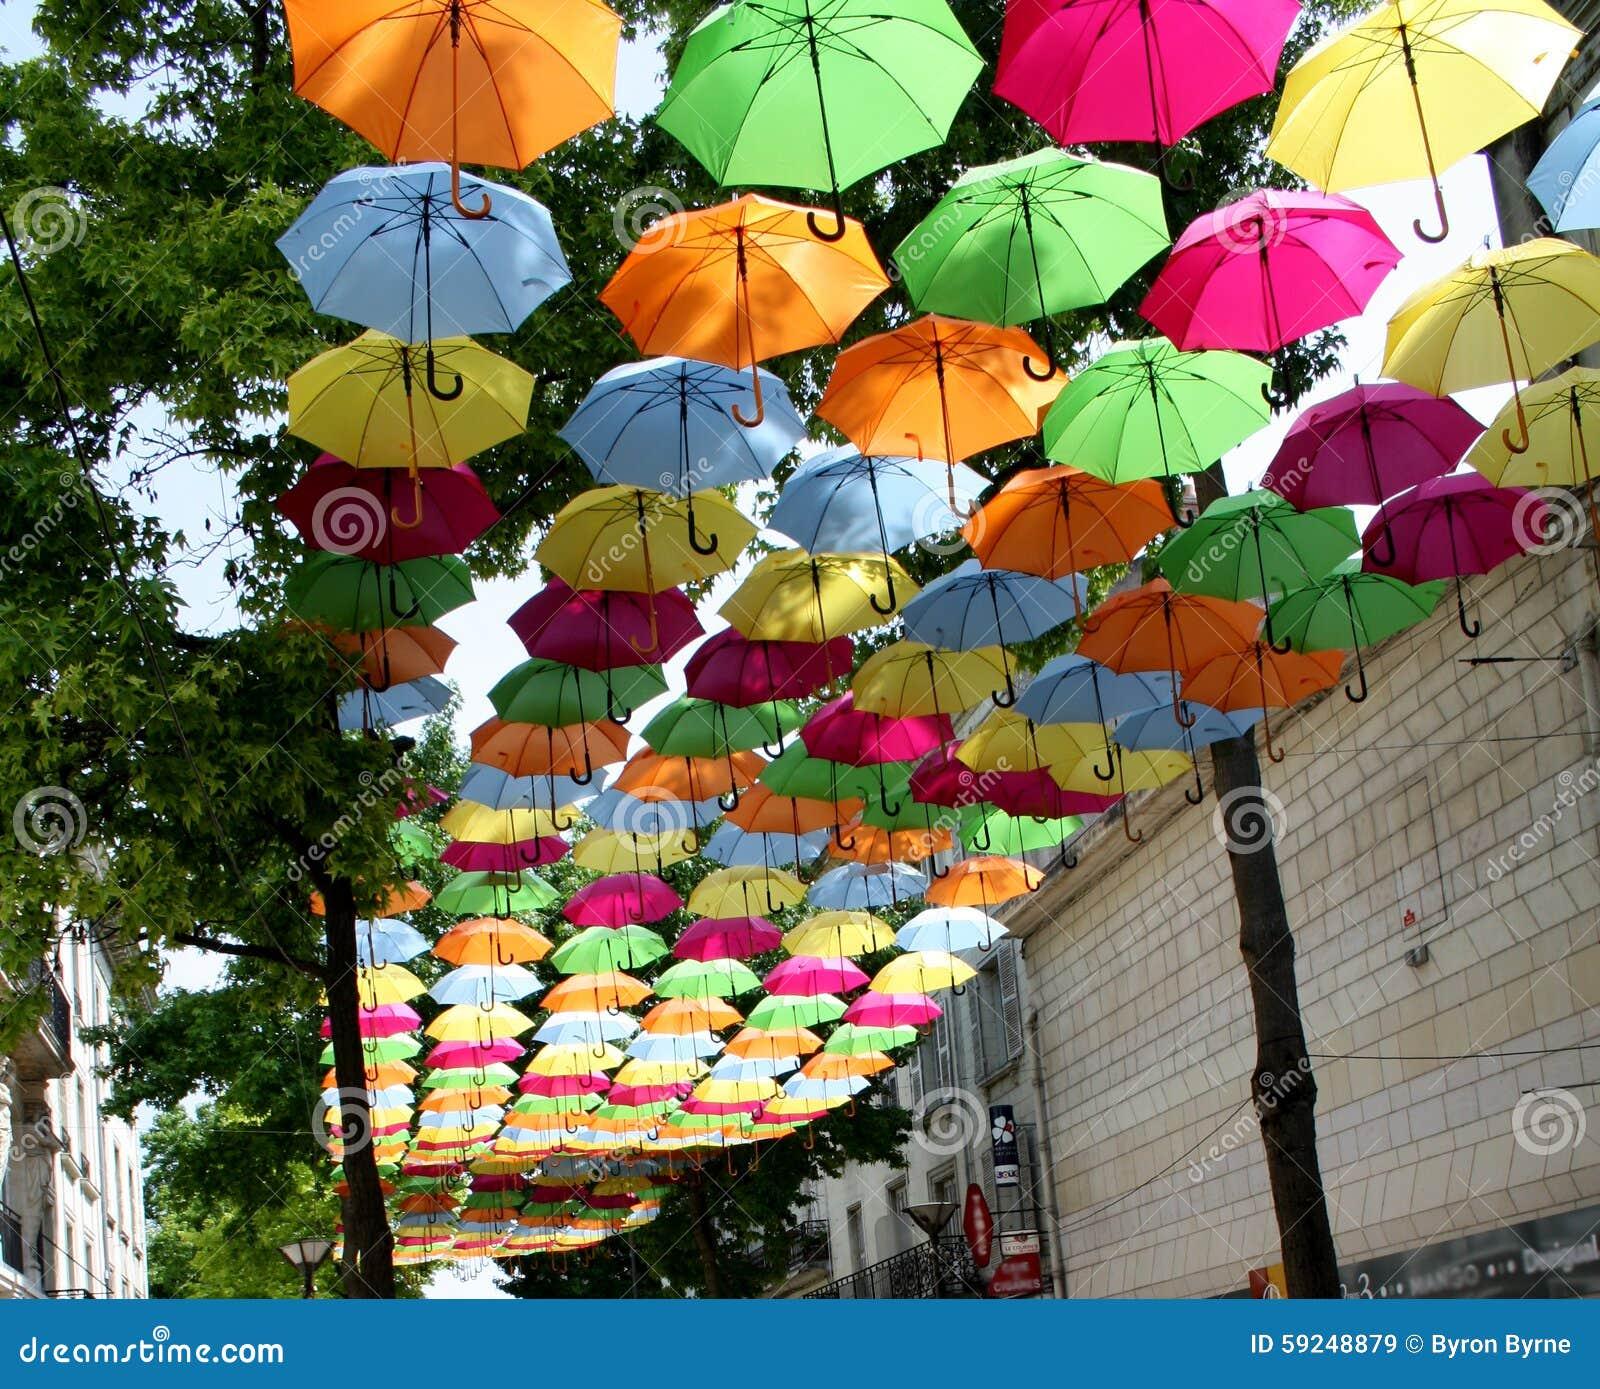 Paraguas en el aire abajo de una calle en Francia